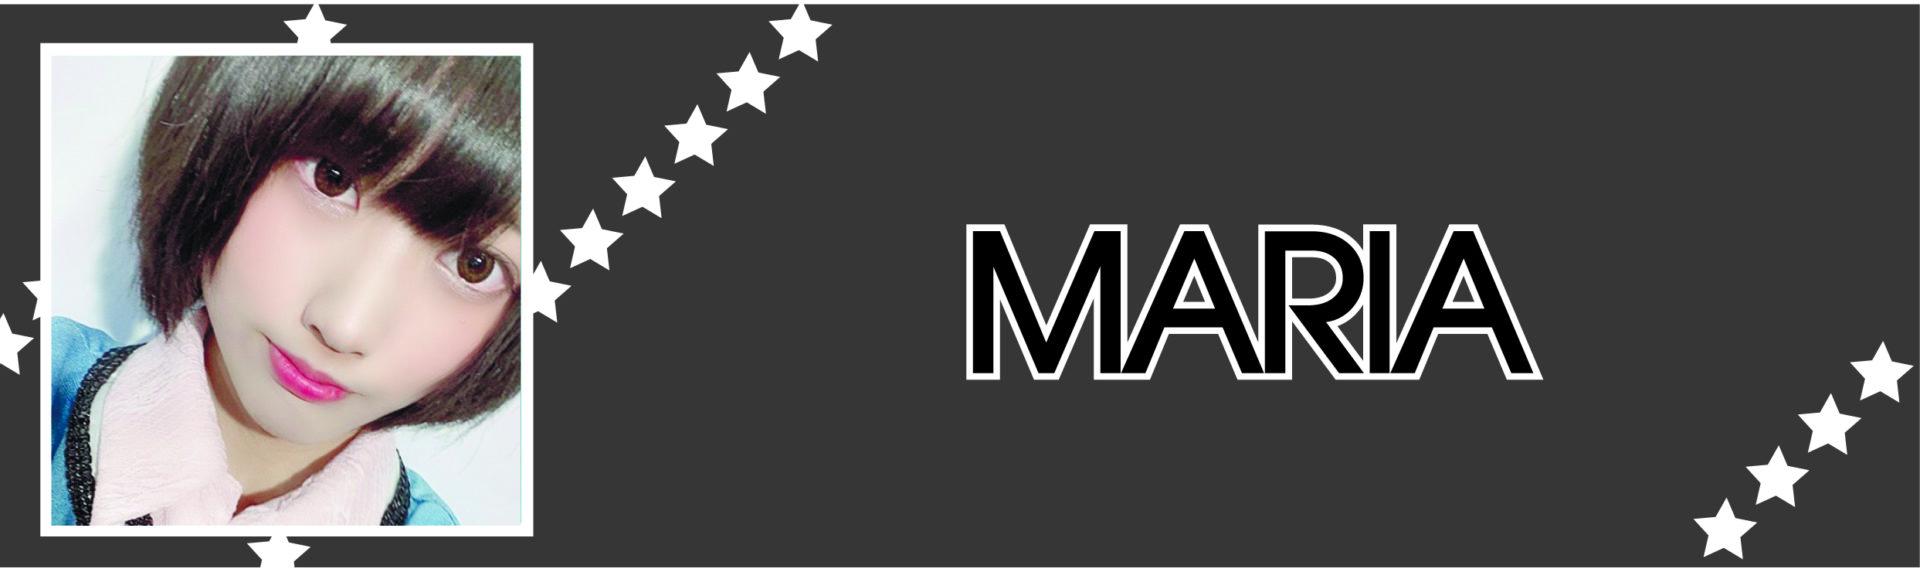 大須のアイドルBSJ、マリア  https://bsj758.com/ichijyou-maria/